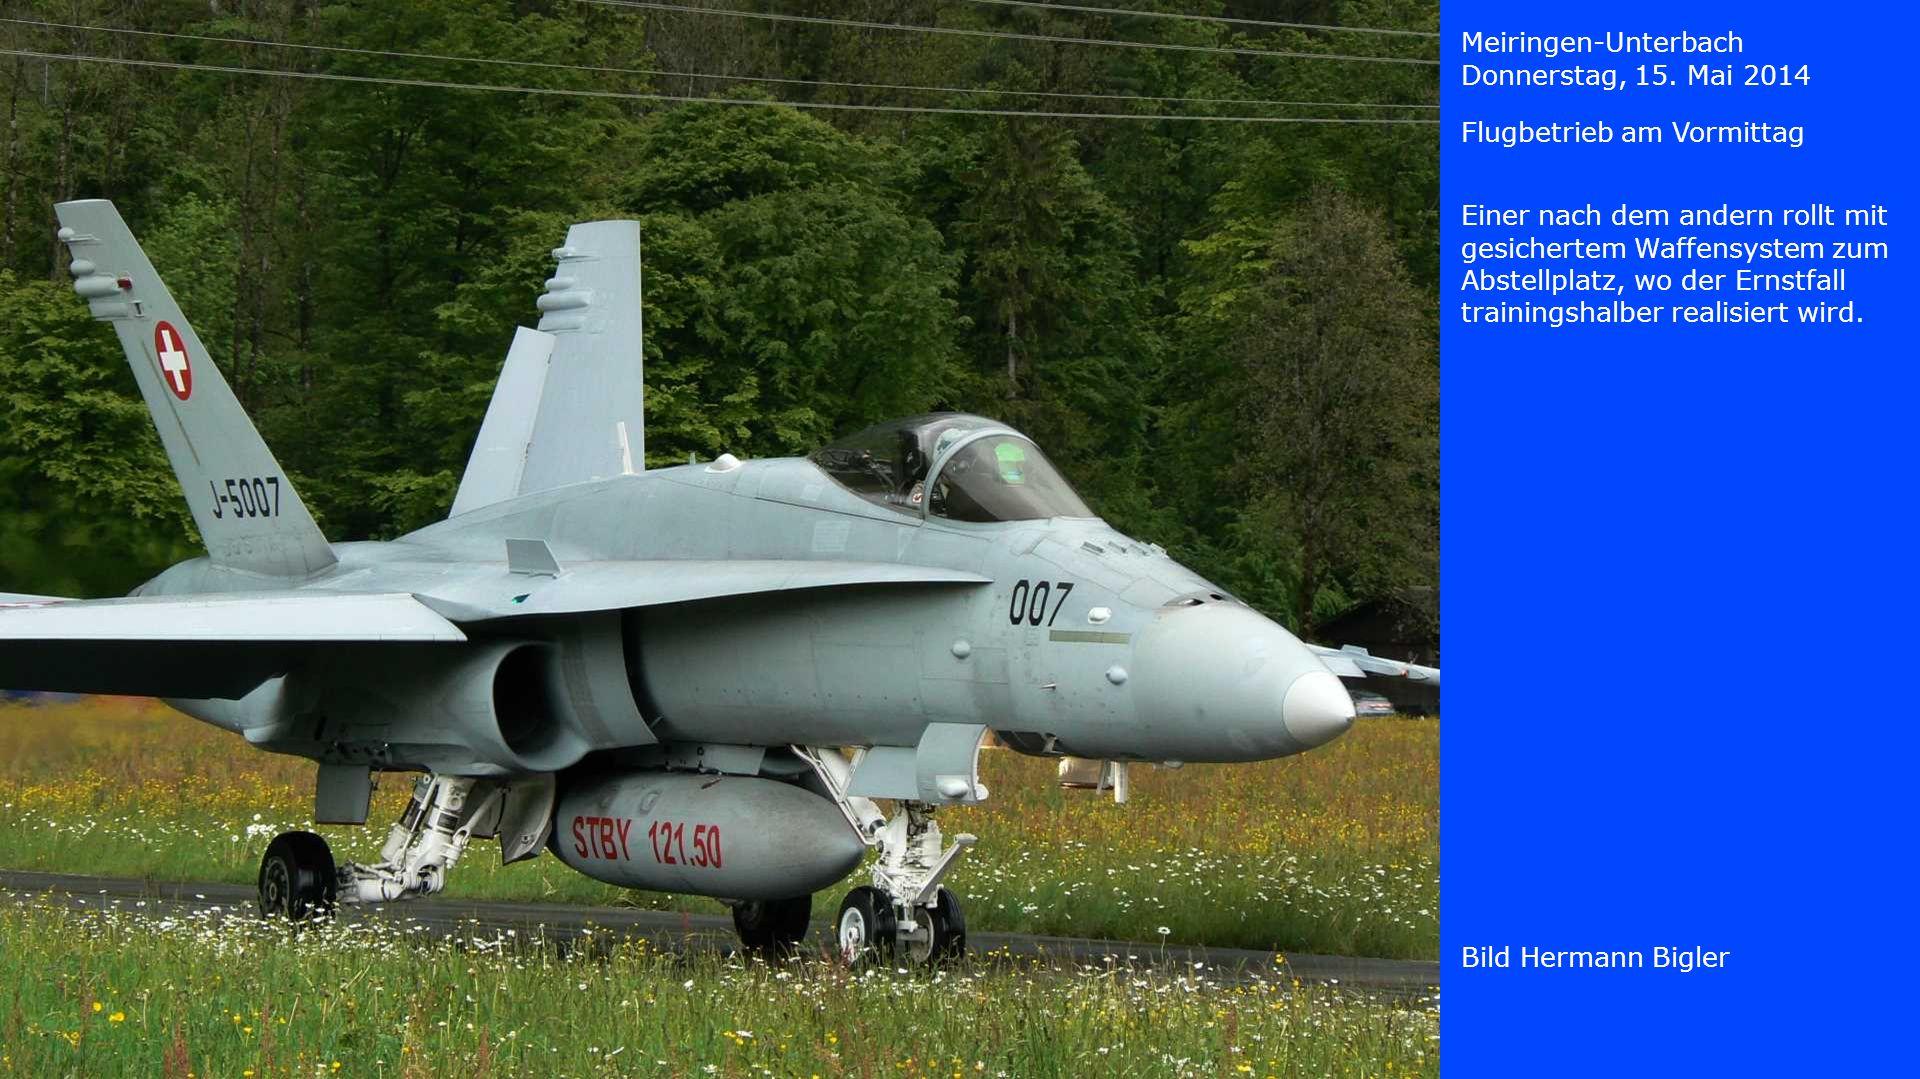 Meiringen-Unterbach Donnerstag, 15. Mai 2014. Flugbetrieb am Vormittag. Einer nach dem andern rollt mit gesichertem Waffensystem zum.